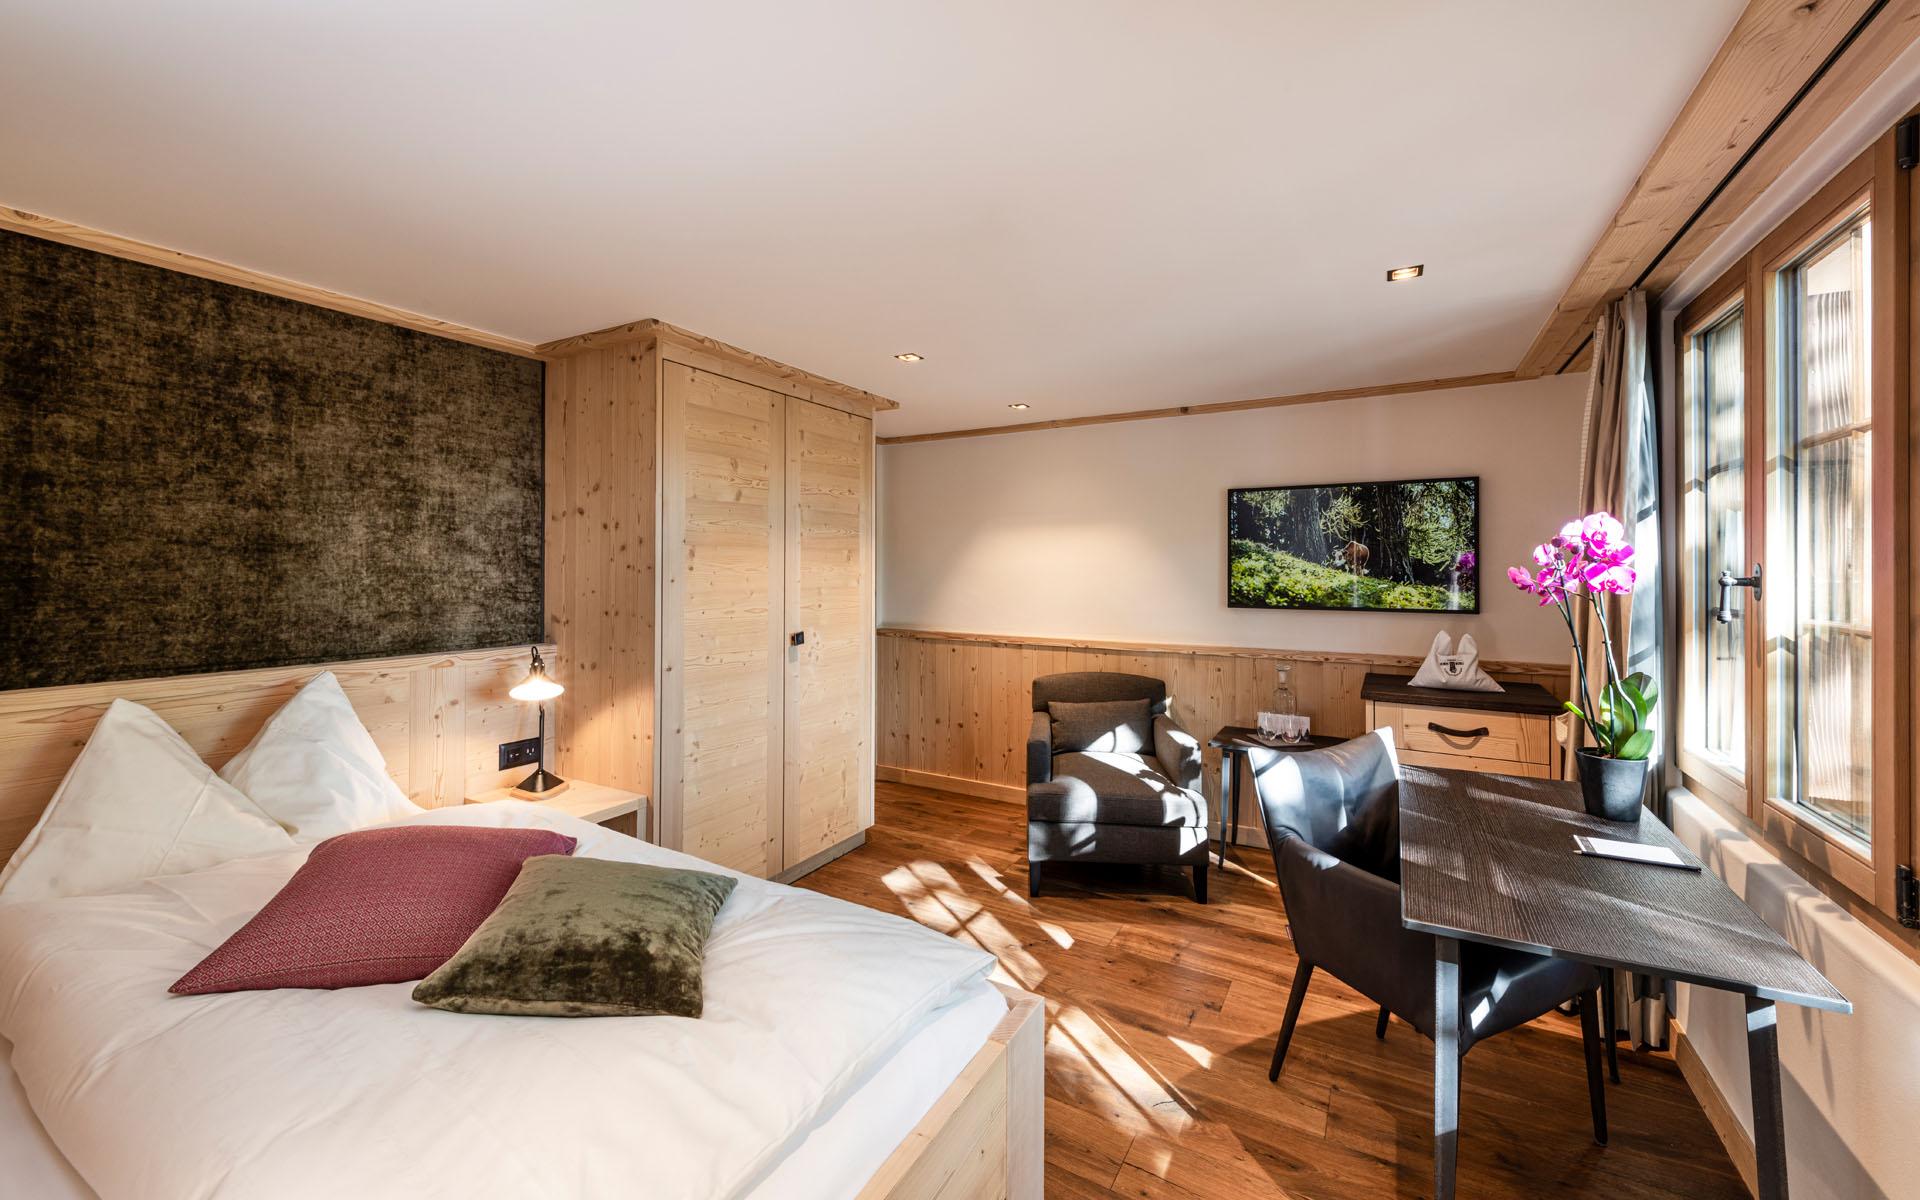 https://fsw-kreatektur.ch/wp-content/uploads/Fsw-Kreatektur-Architektur-Umbau-Hotel-Hornberg-Saanenmoeser-Zimmer.jpg